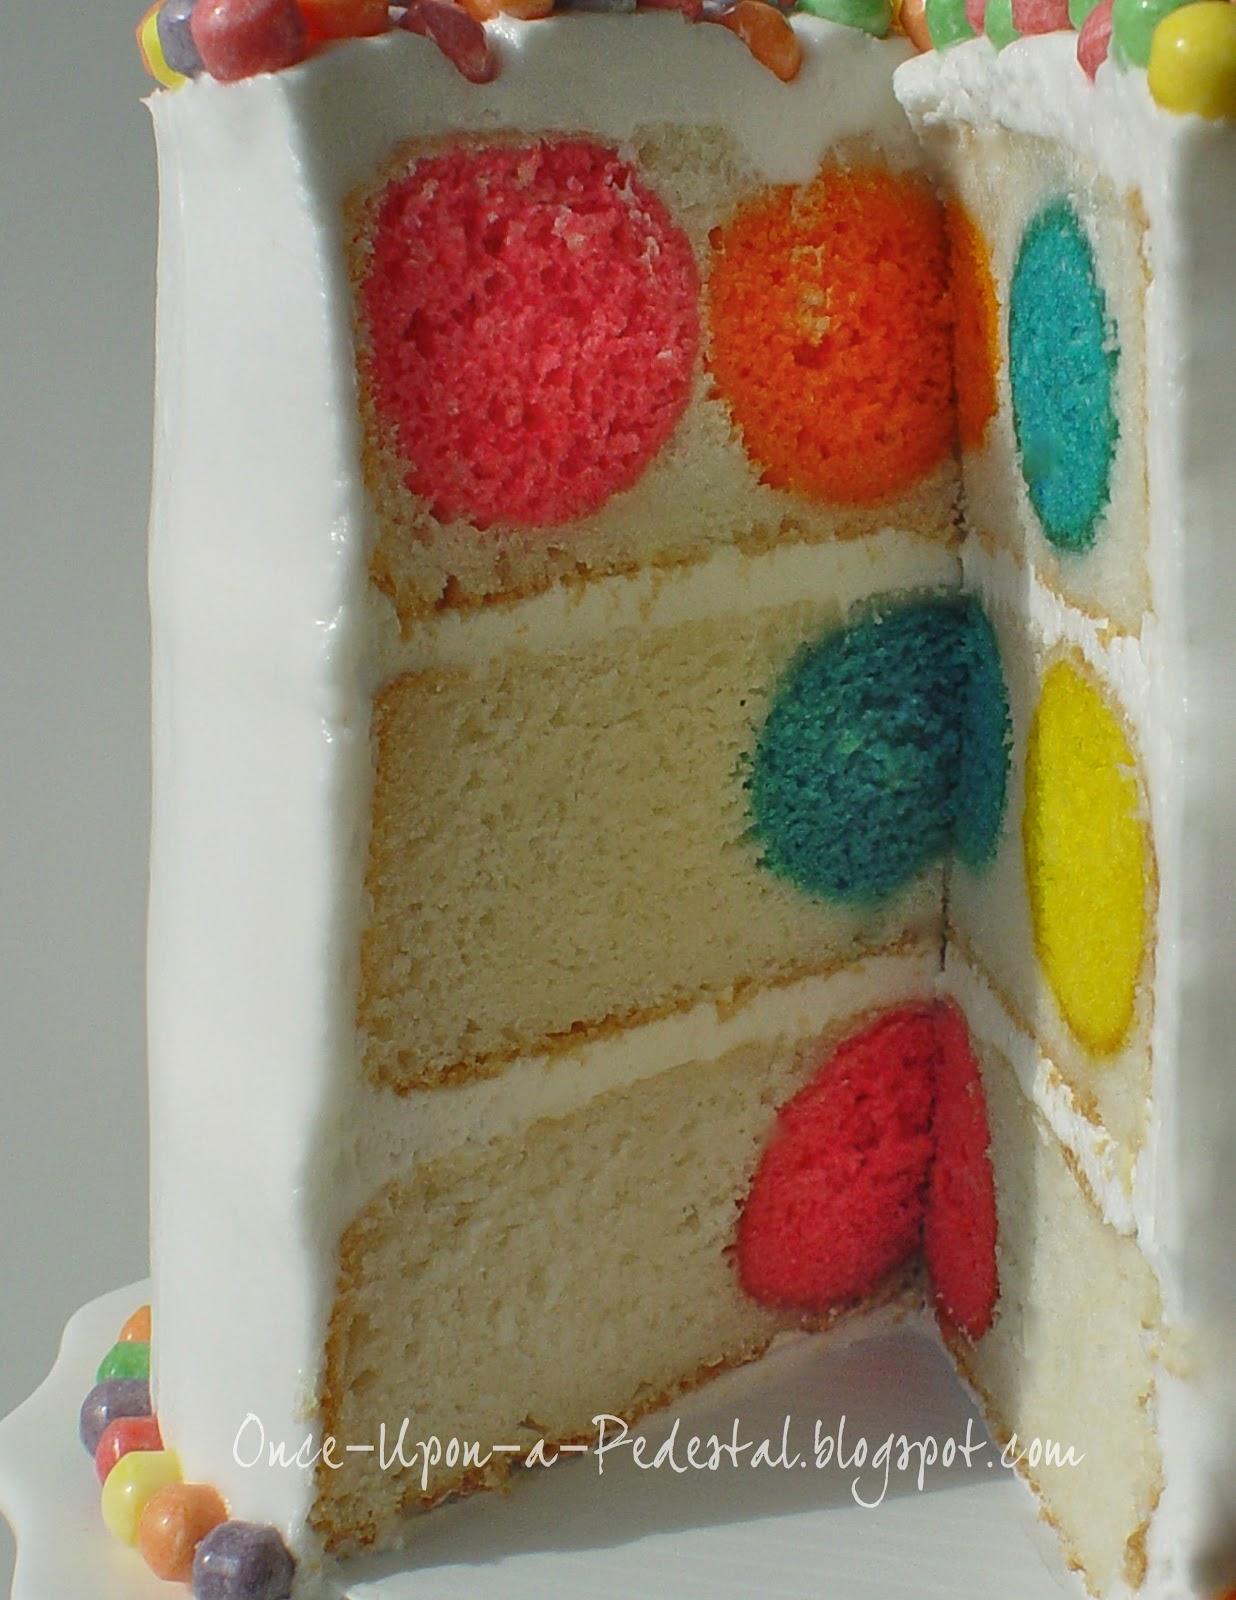 Pinterest cakes- Polka Dot Cake from Bake Pop Pan